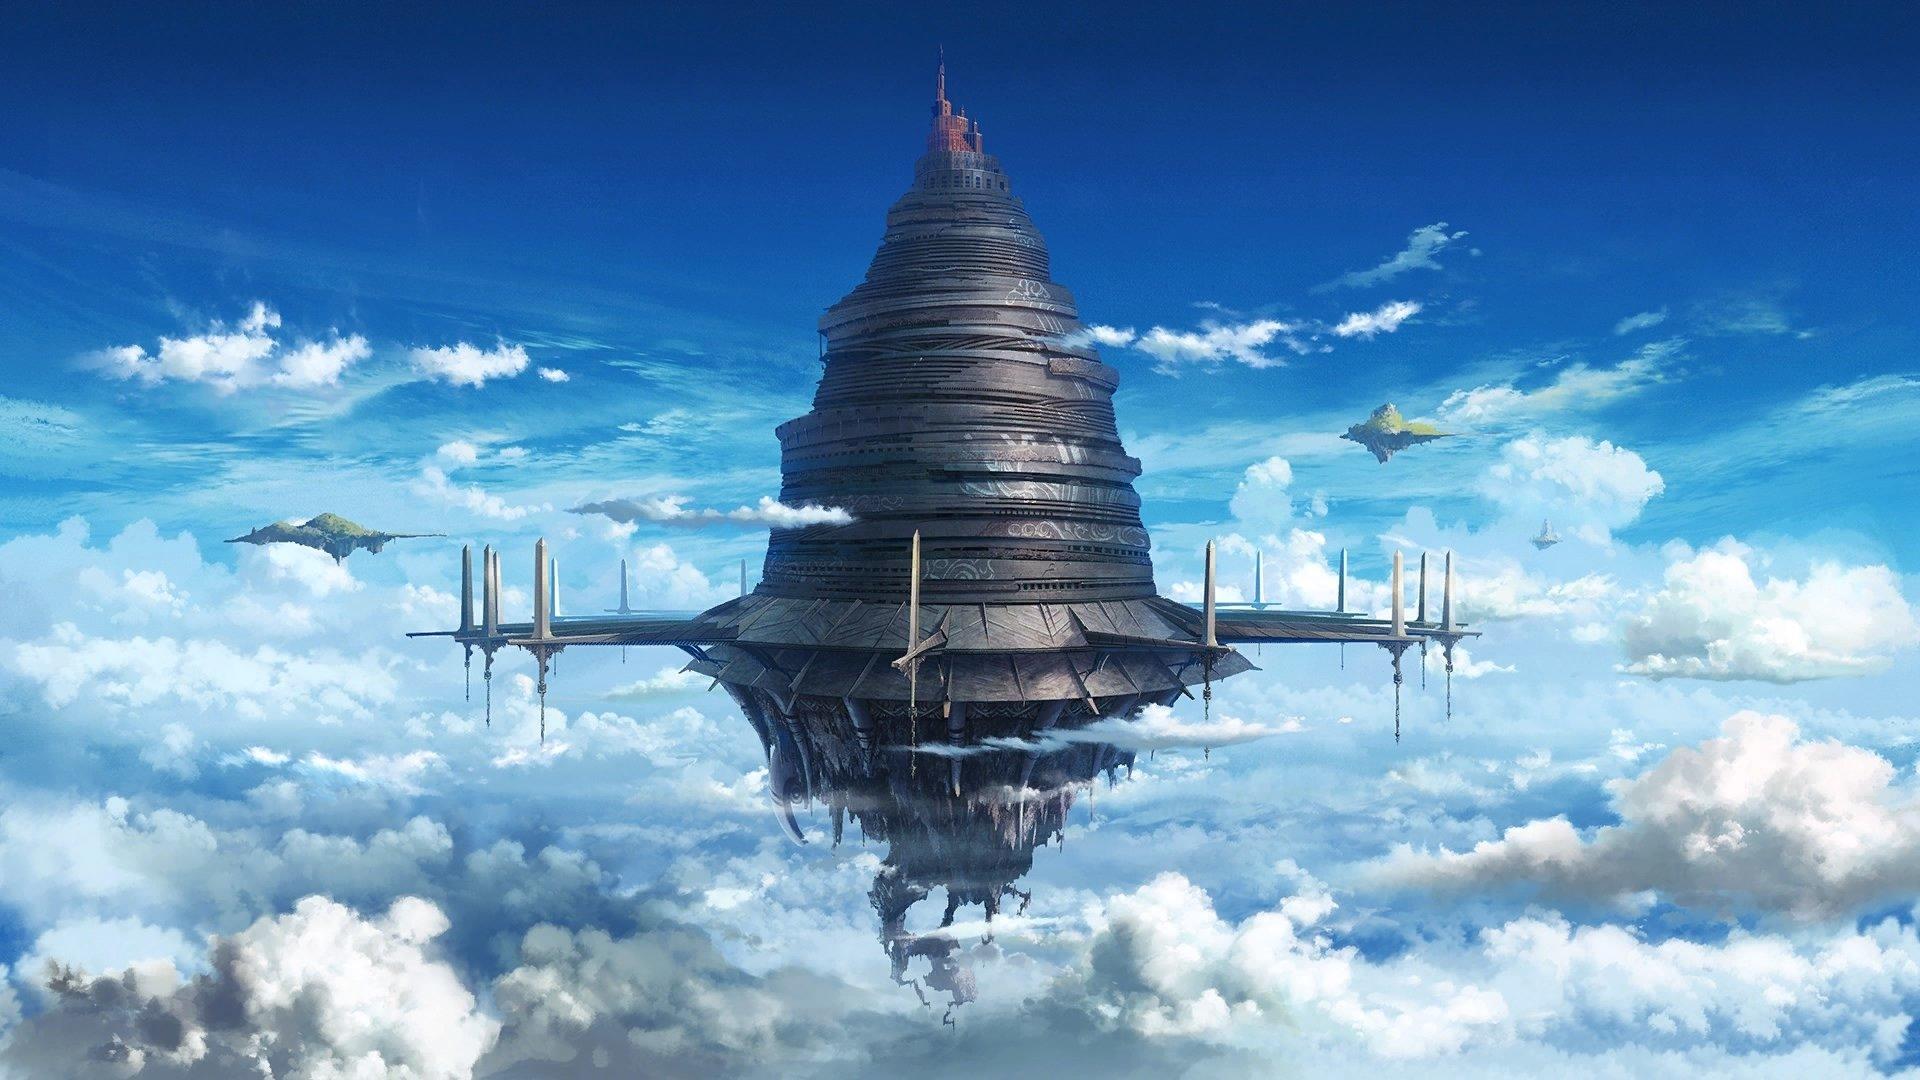 12 Aincrad (Sword Art Online) HD Wallpapers | Background